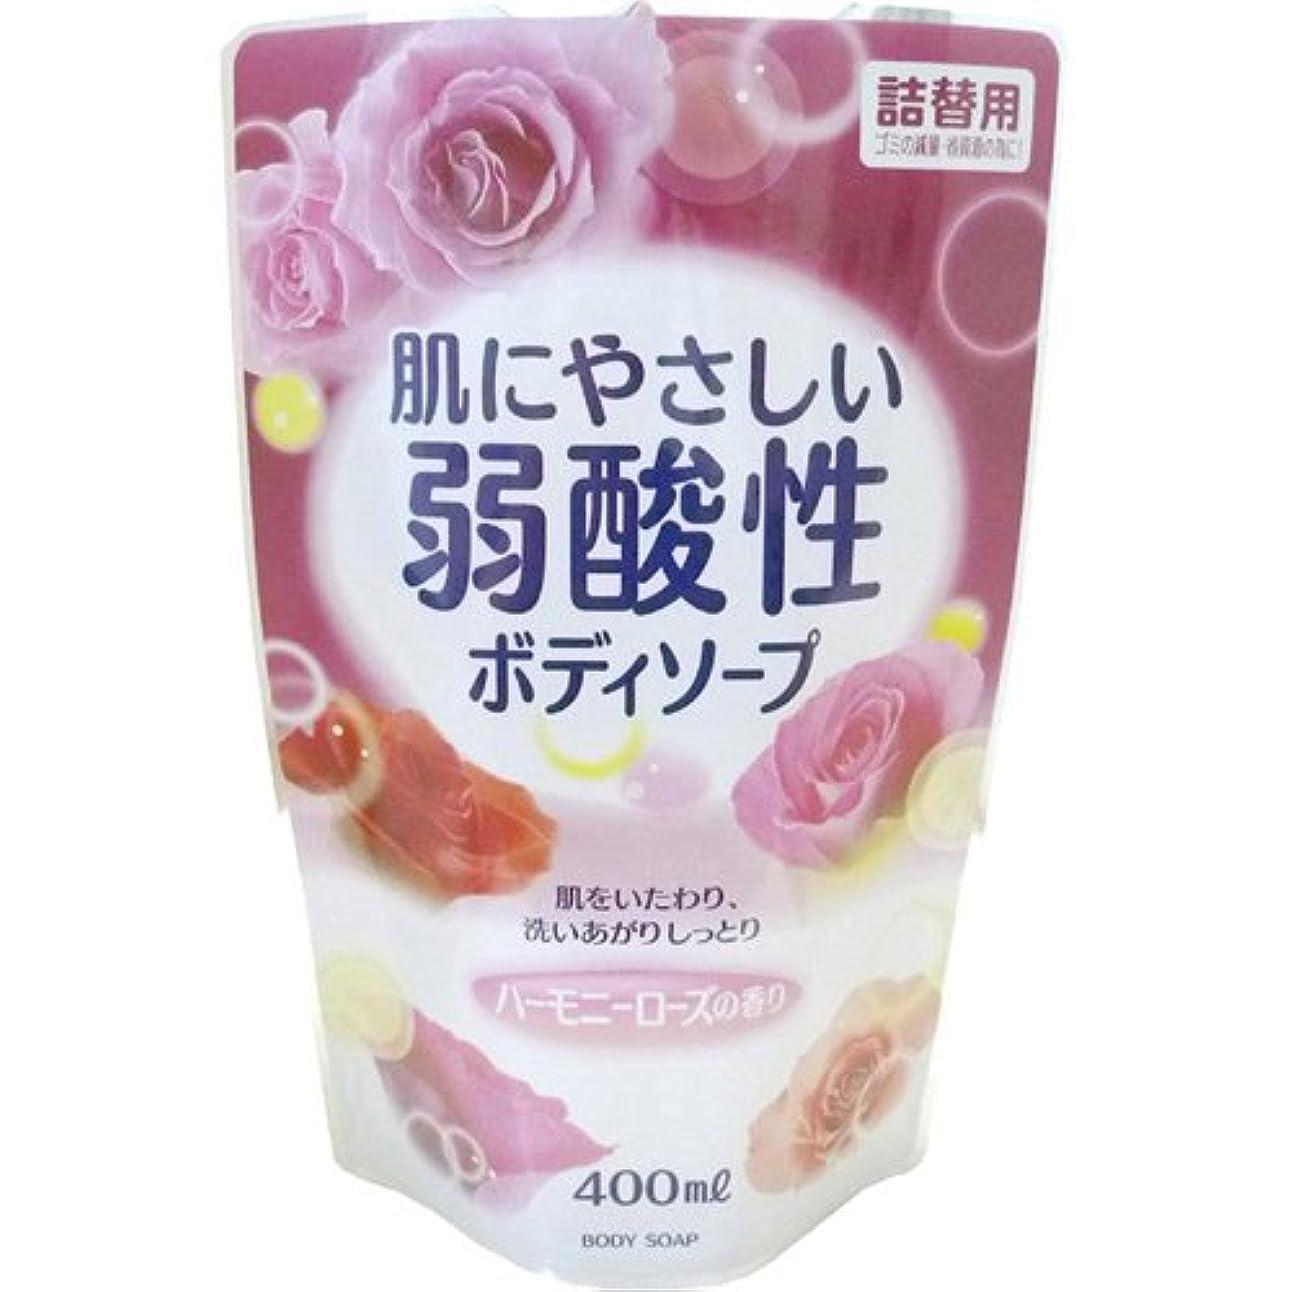 朝第二診断する弱酸性ボディソープ ハーモニーローズの香り 詰替用 400ml